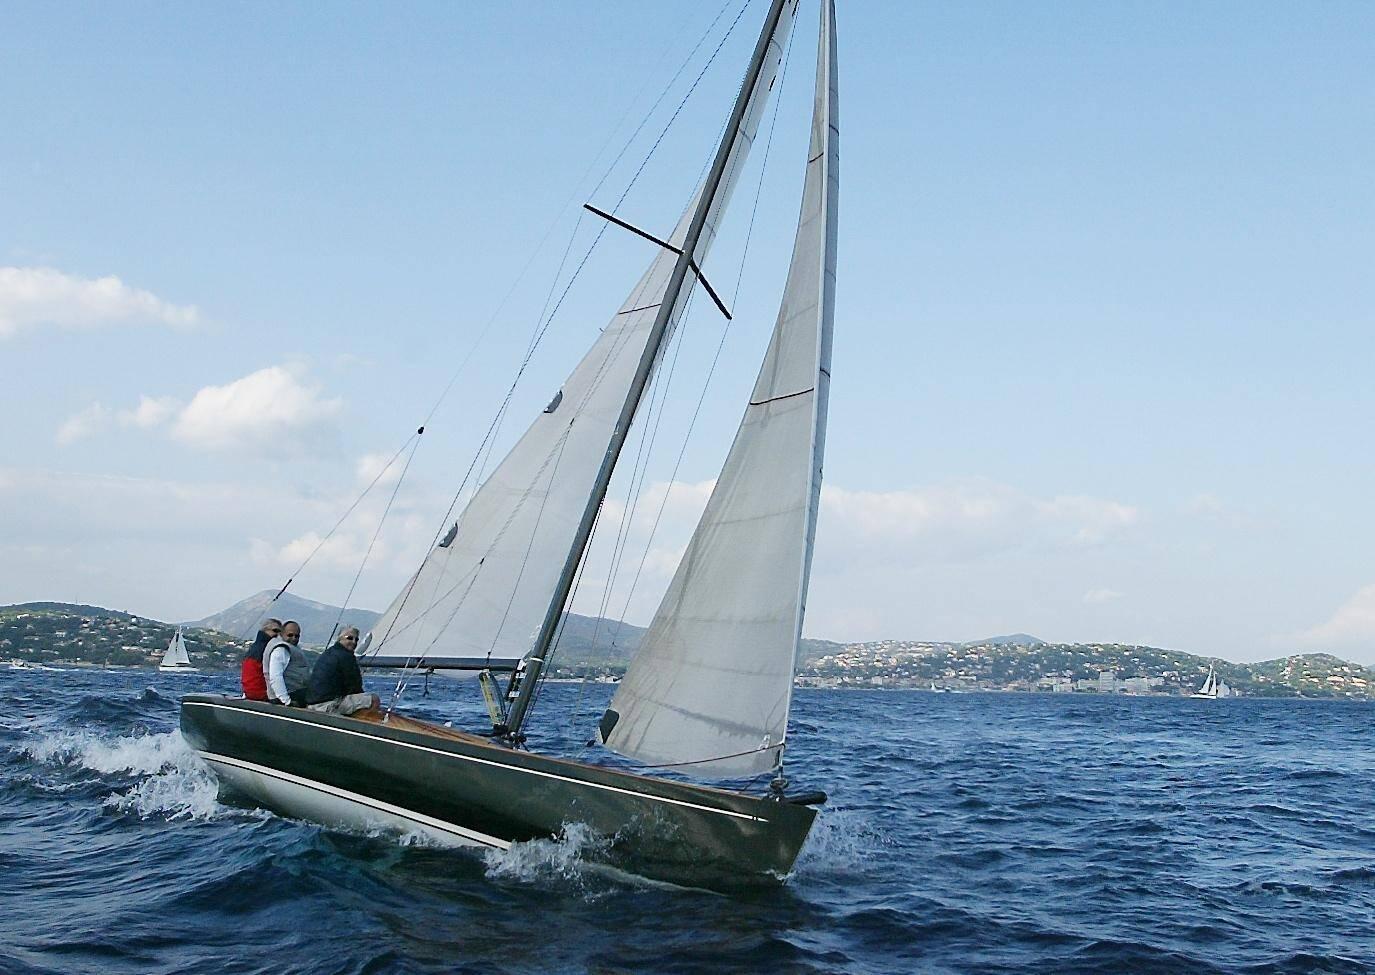 Le Tofinou, un classique que l'on voit souvent naviguer à Cannes.